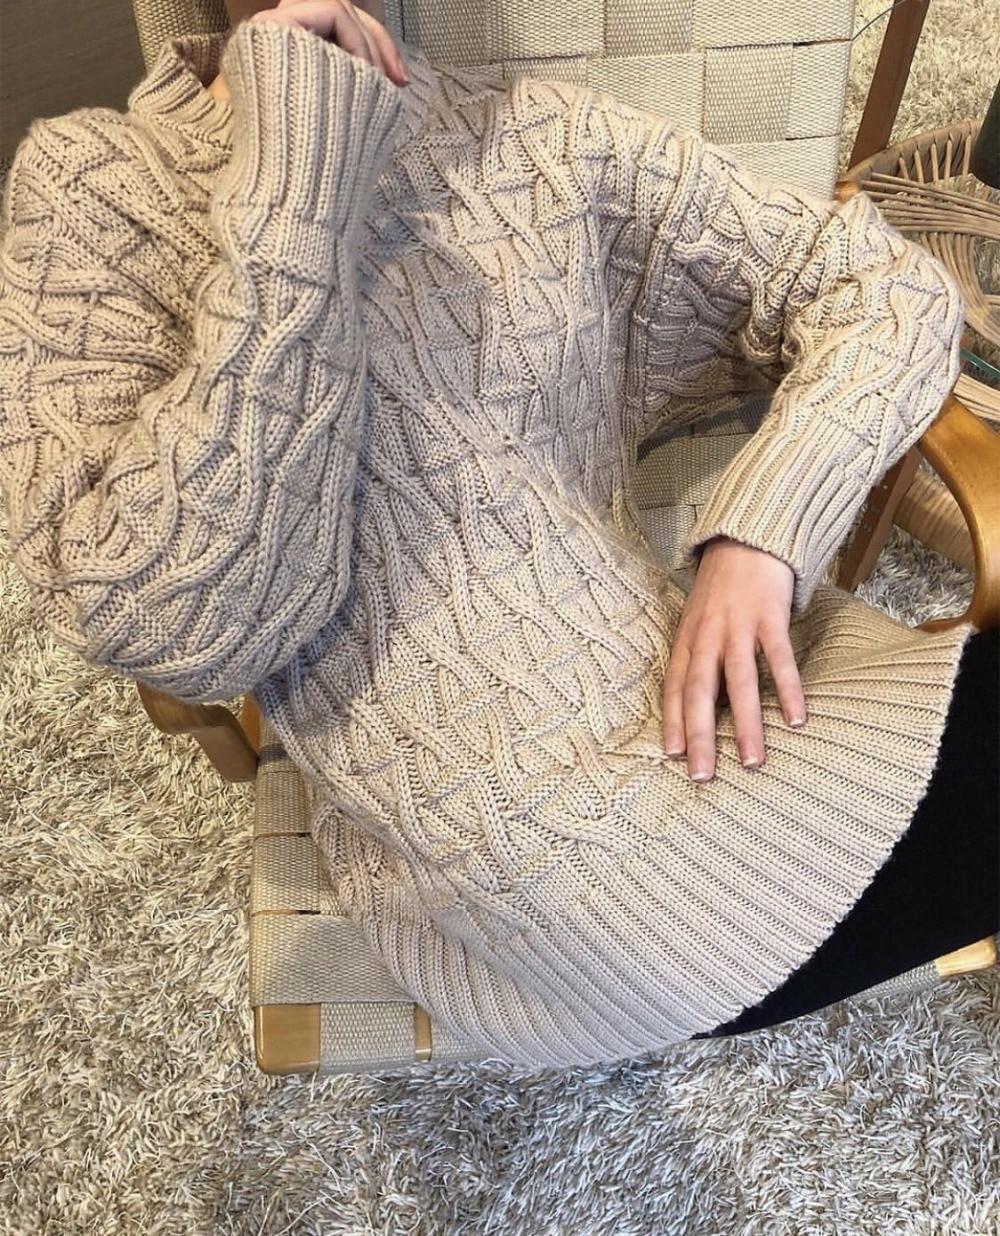 Femme Top Blogueurs Longues Poignets Mode Manches mélange Tricoté De Col À Cavalier Ourlet Oversize Nervuré Laine Tordu 2018 Sable Chandails aOqwW7U